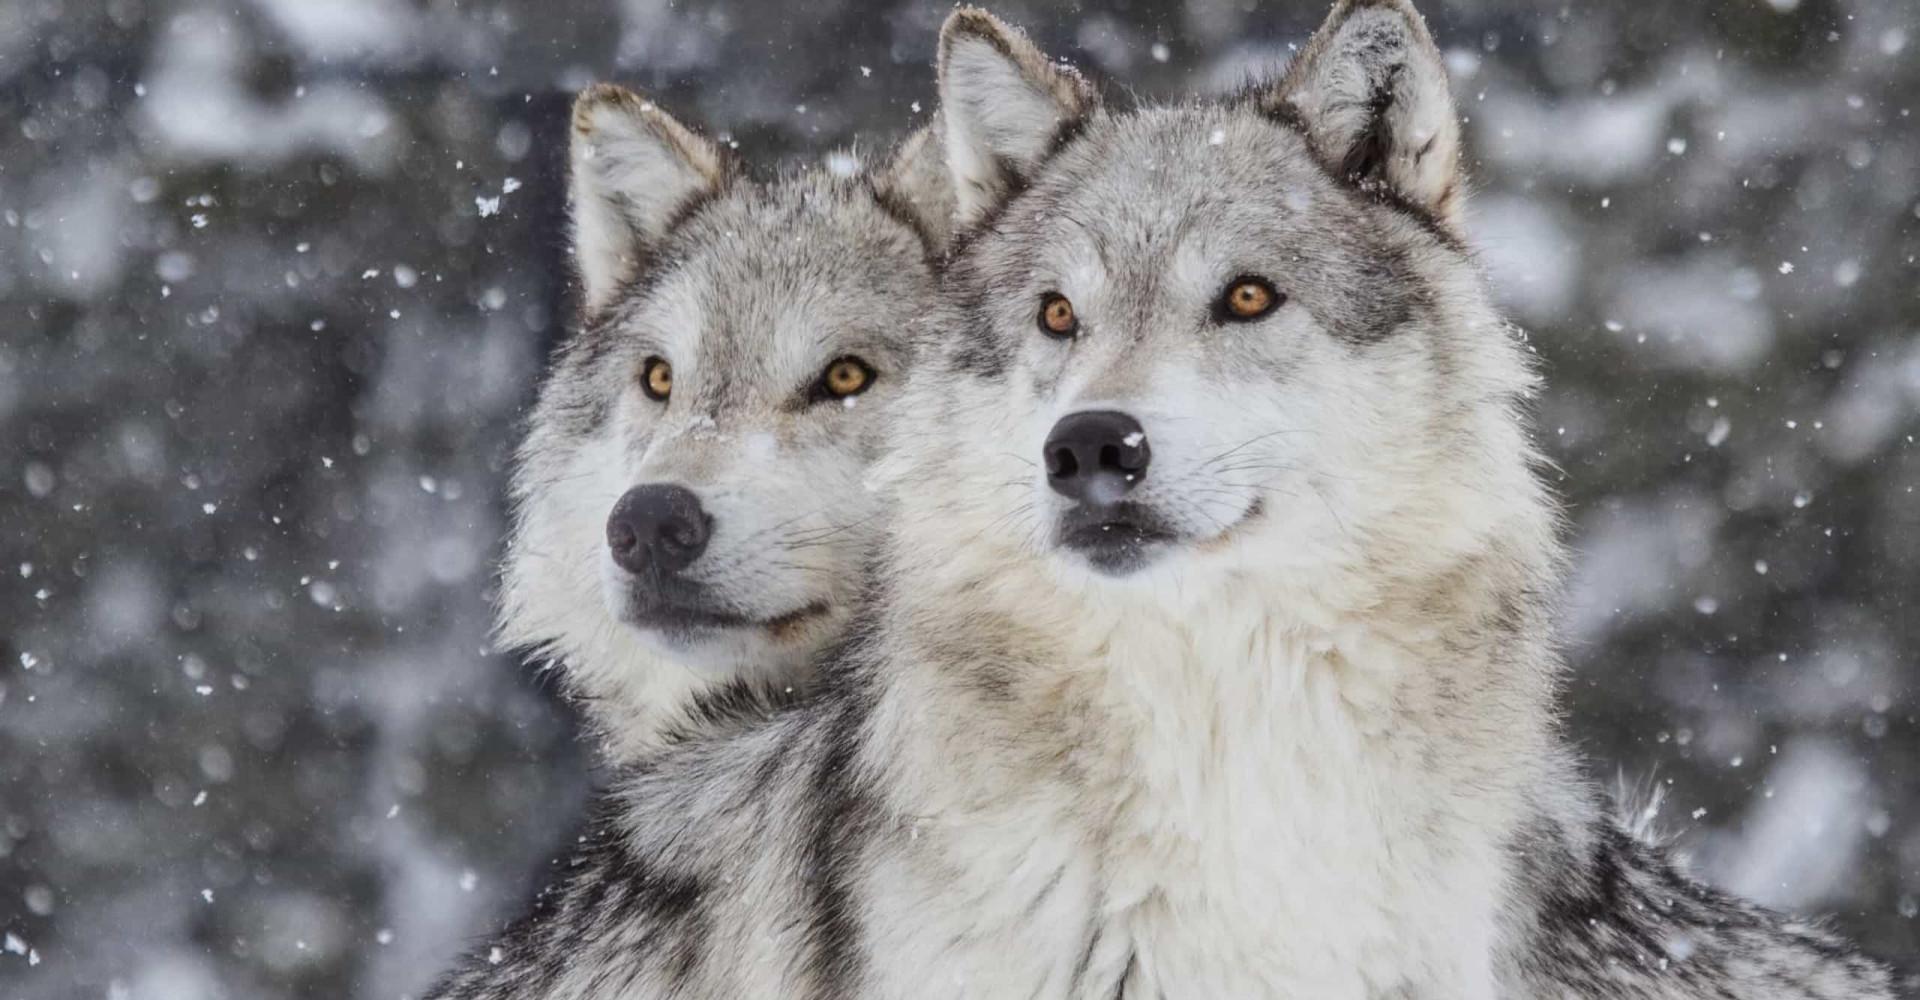 야생의 로맨스, 평생 짝을 지어 사는 동물들